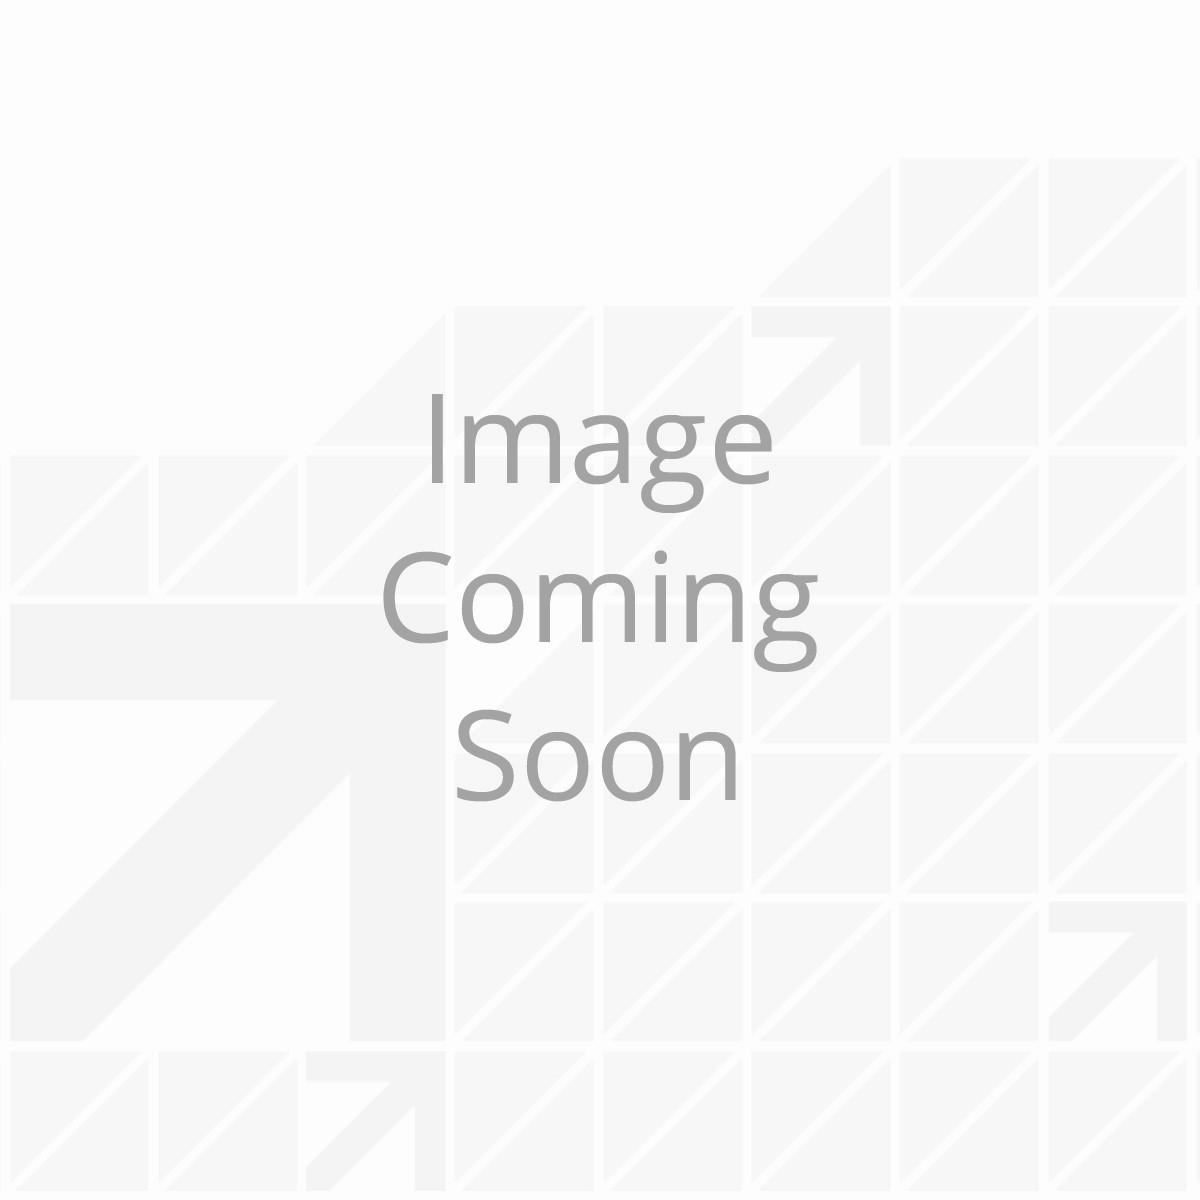 281285_NF-SB-Kit_001